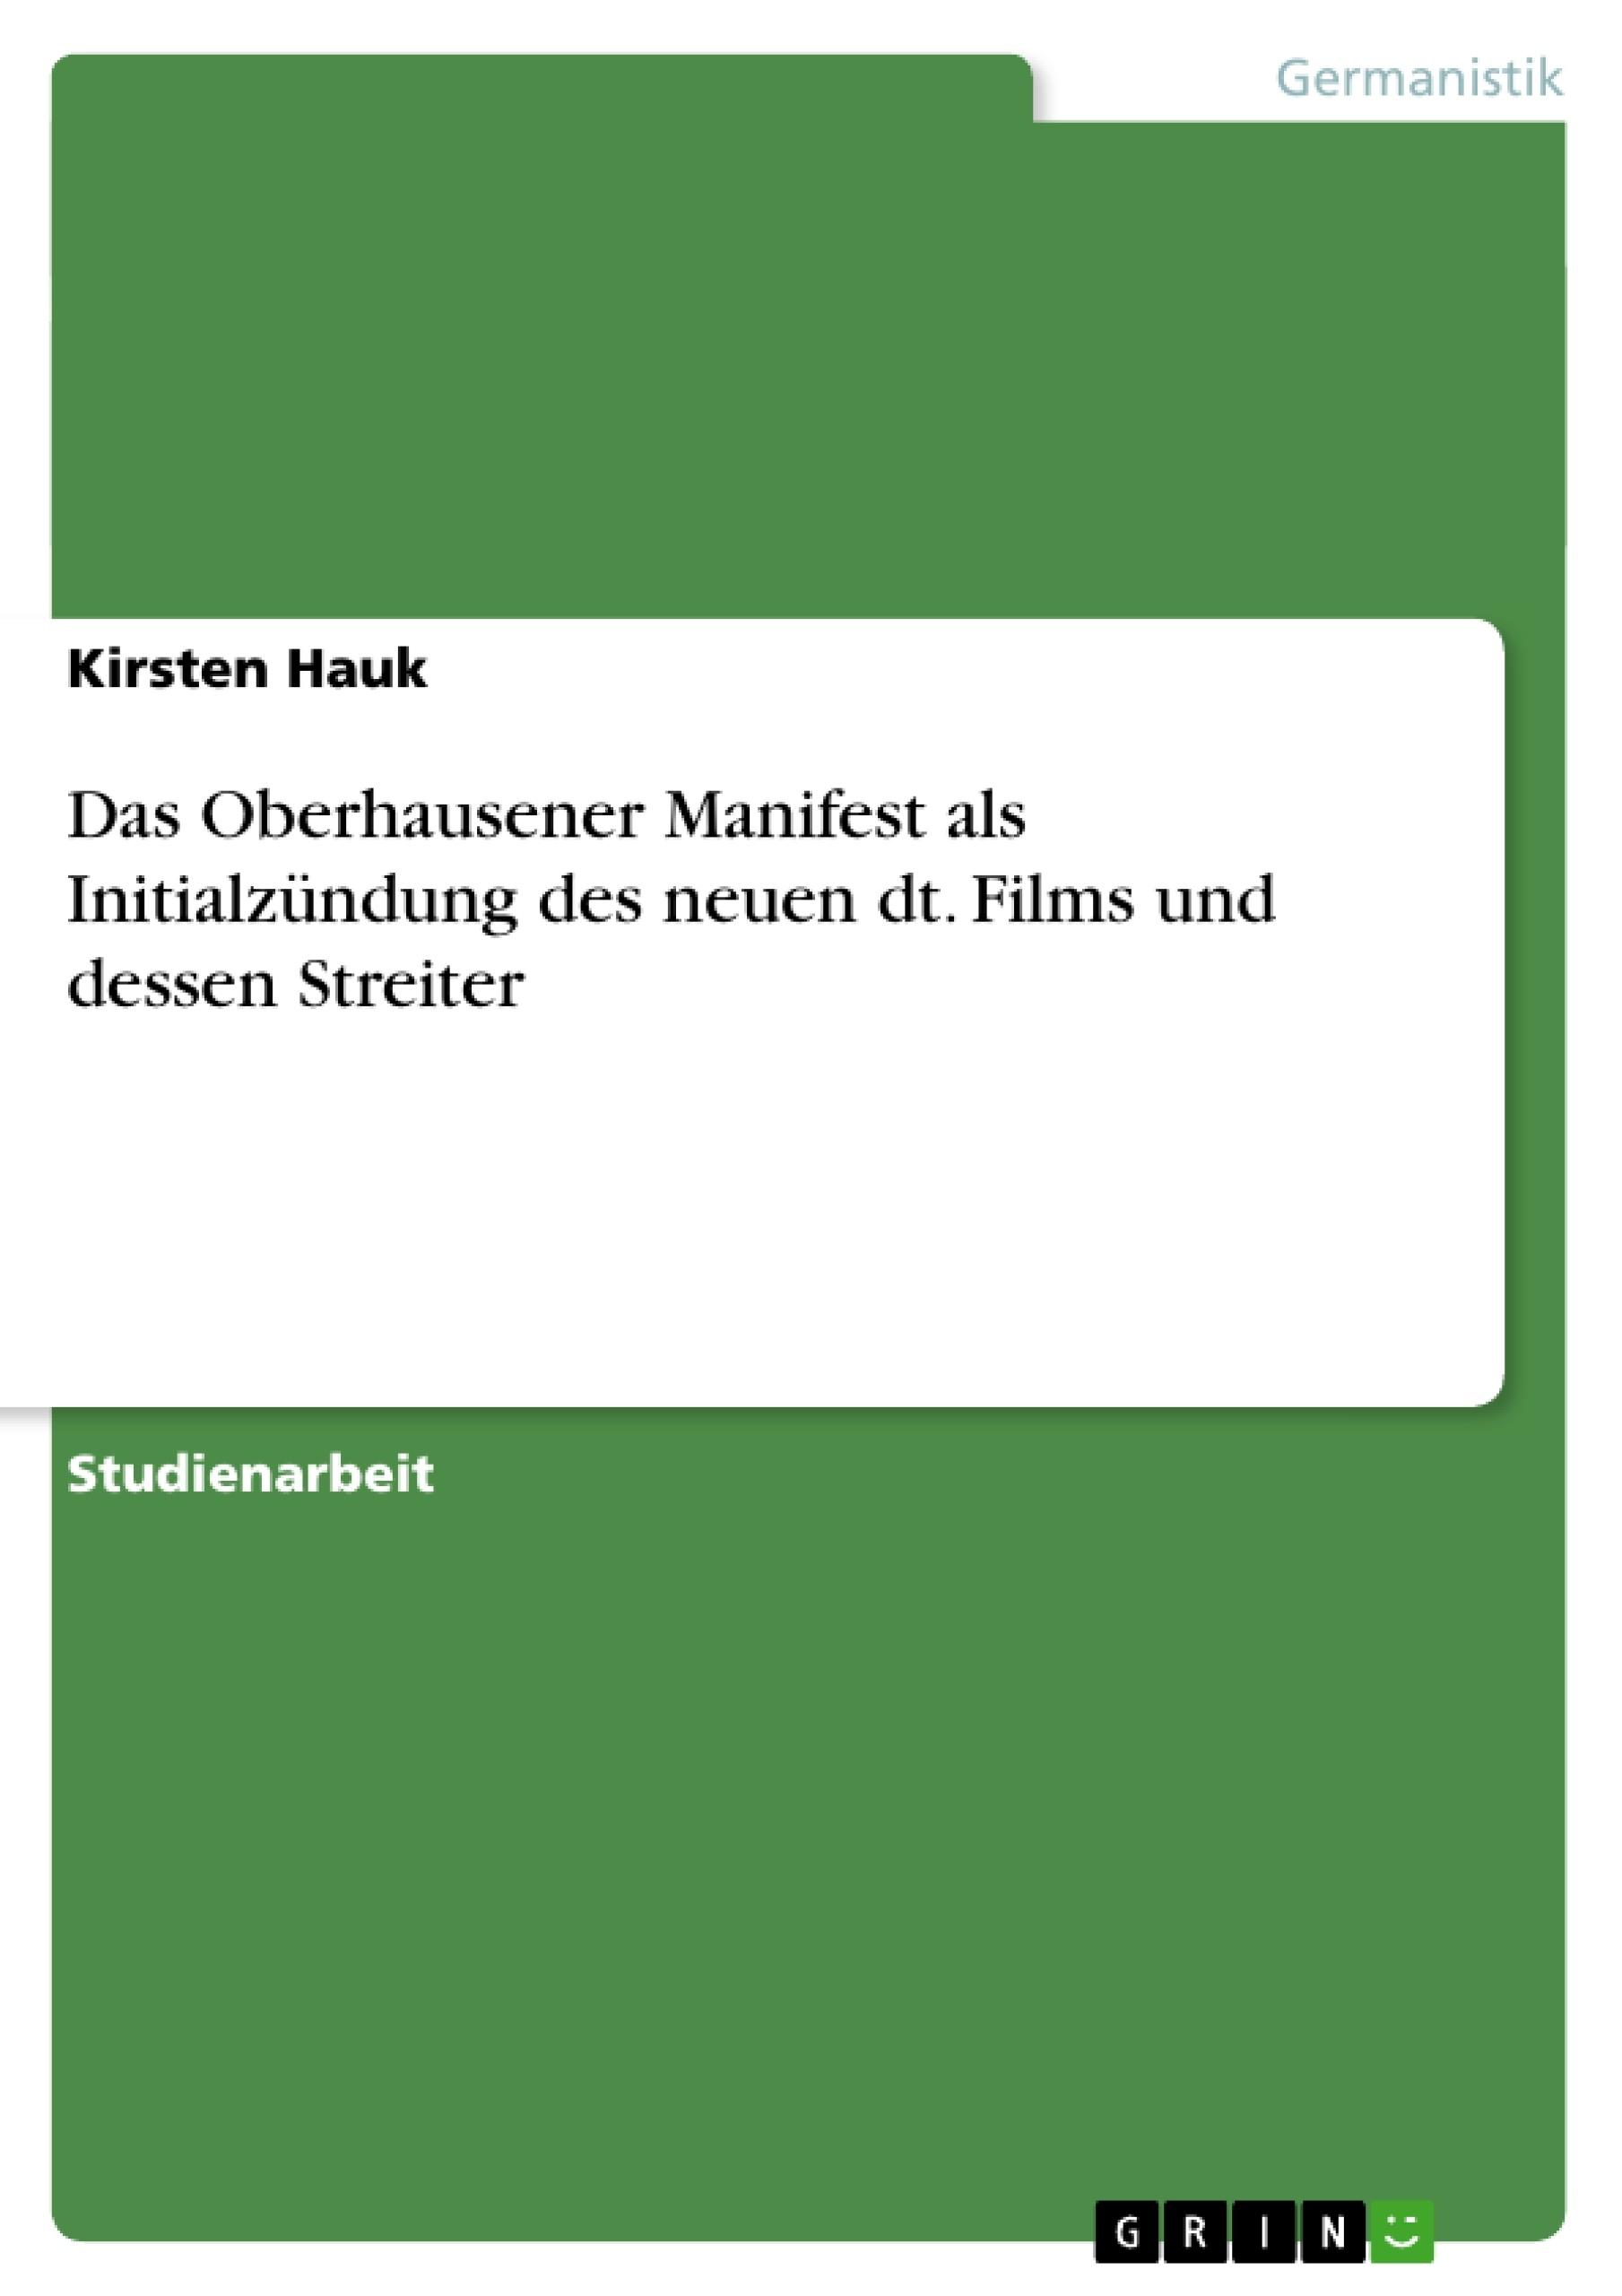 Titel: Das Oberhausener Manifest als Initialzündung des neuen  dt. Films und dessen Streiter